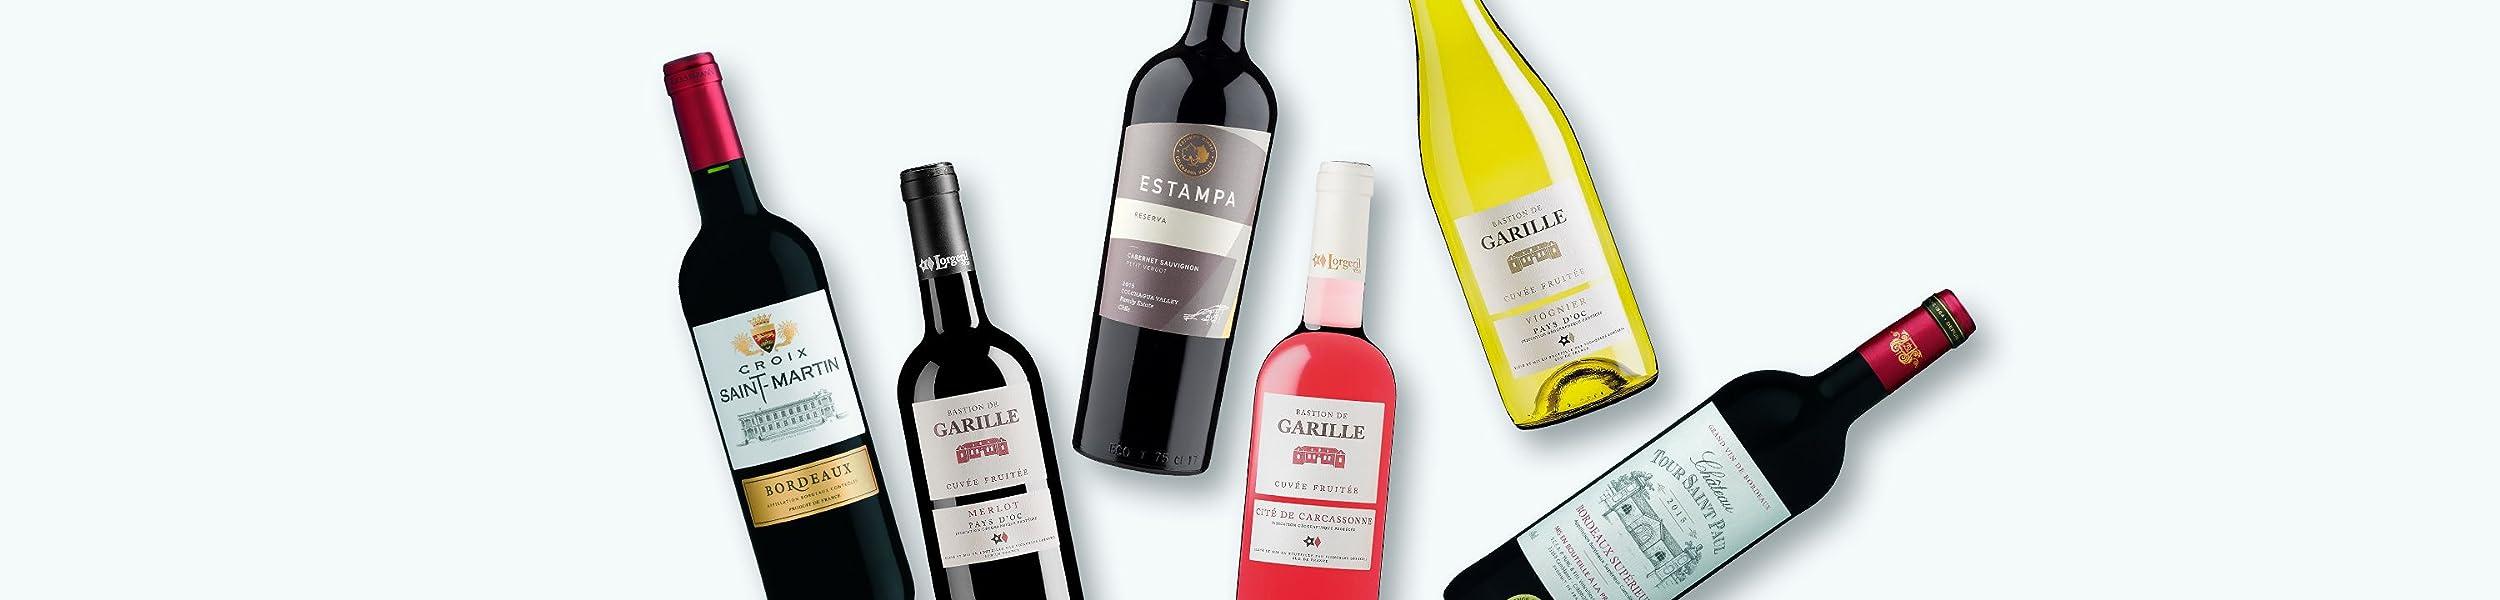 ワイナリーから直輸入 -winery direct-